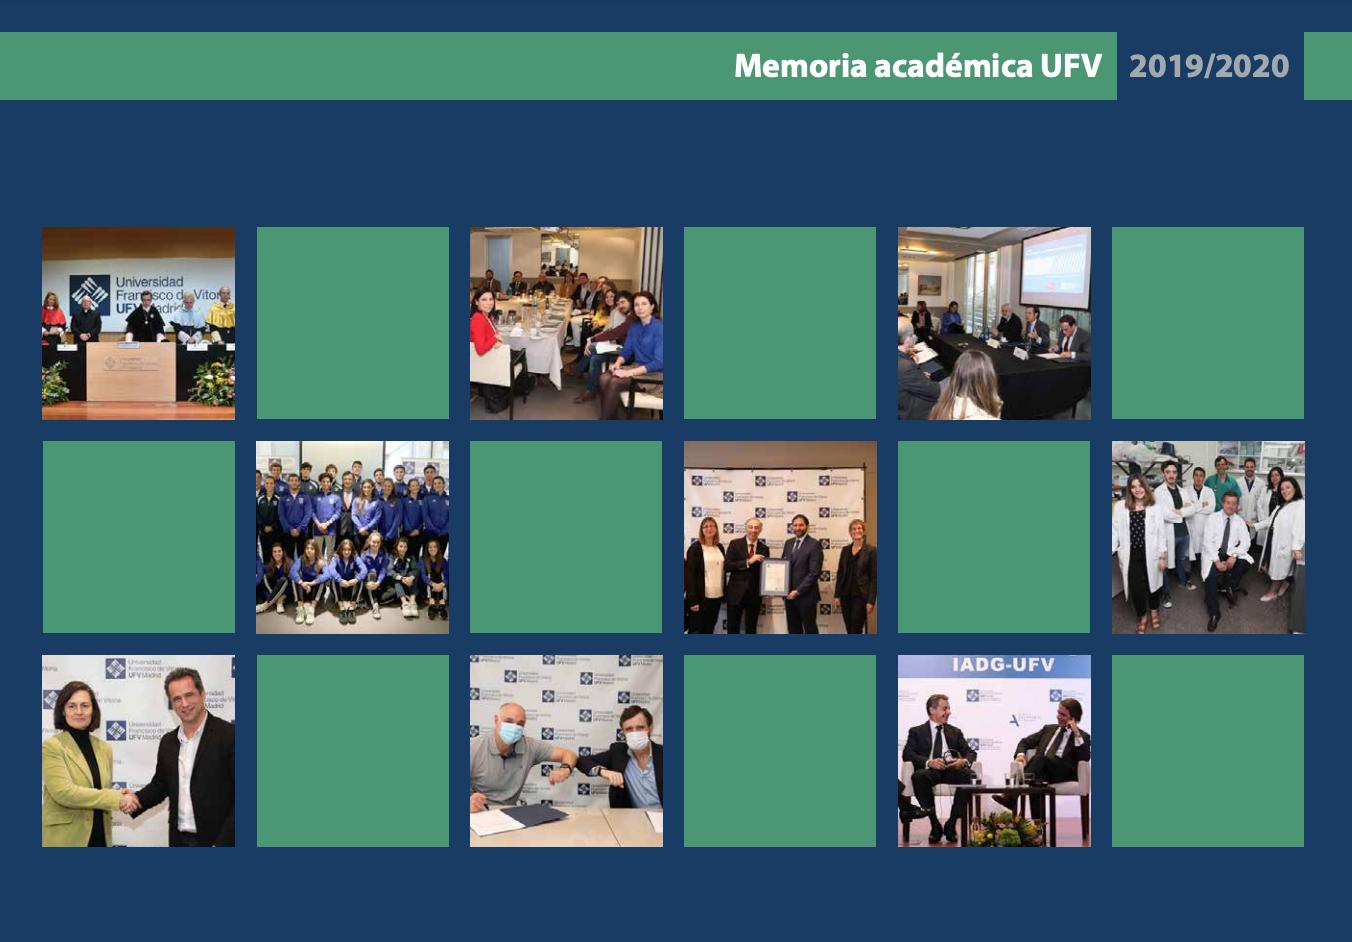 memoria academica1920 UFV SOSTENIBLE Estudiar en Universidad Privada Madrid